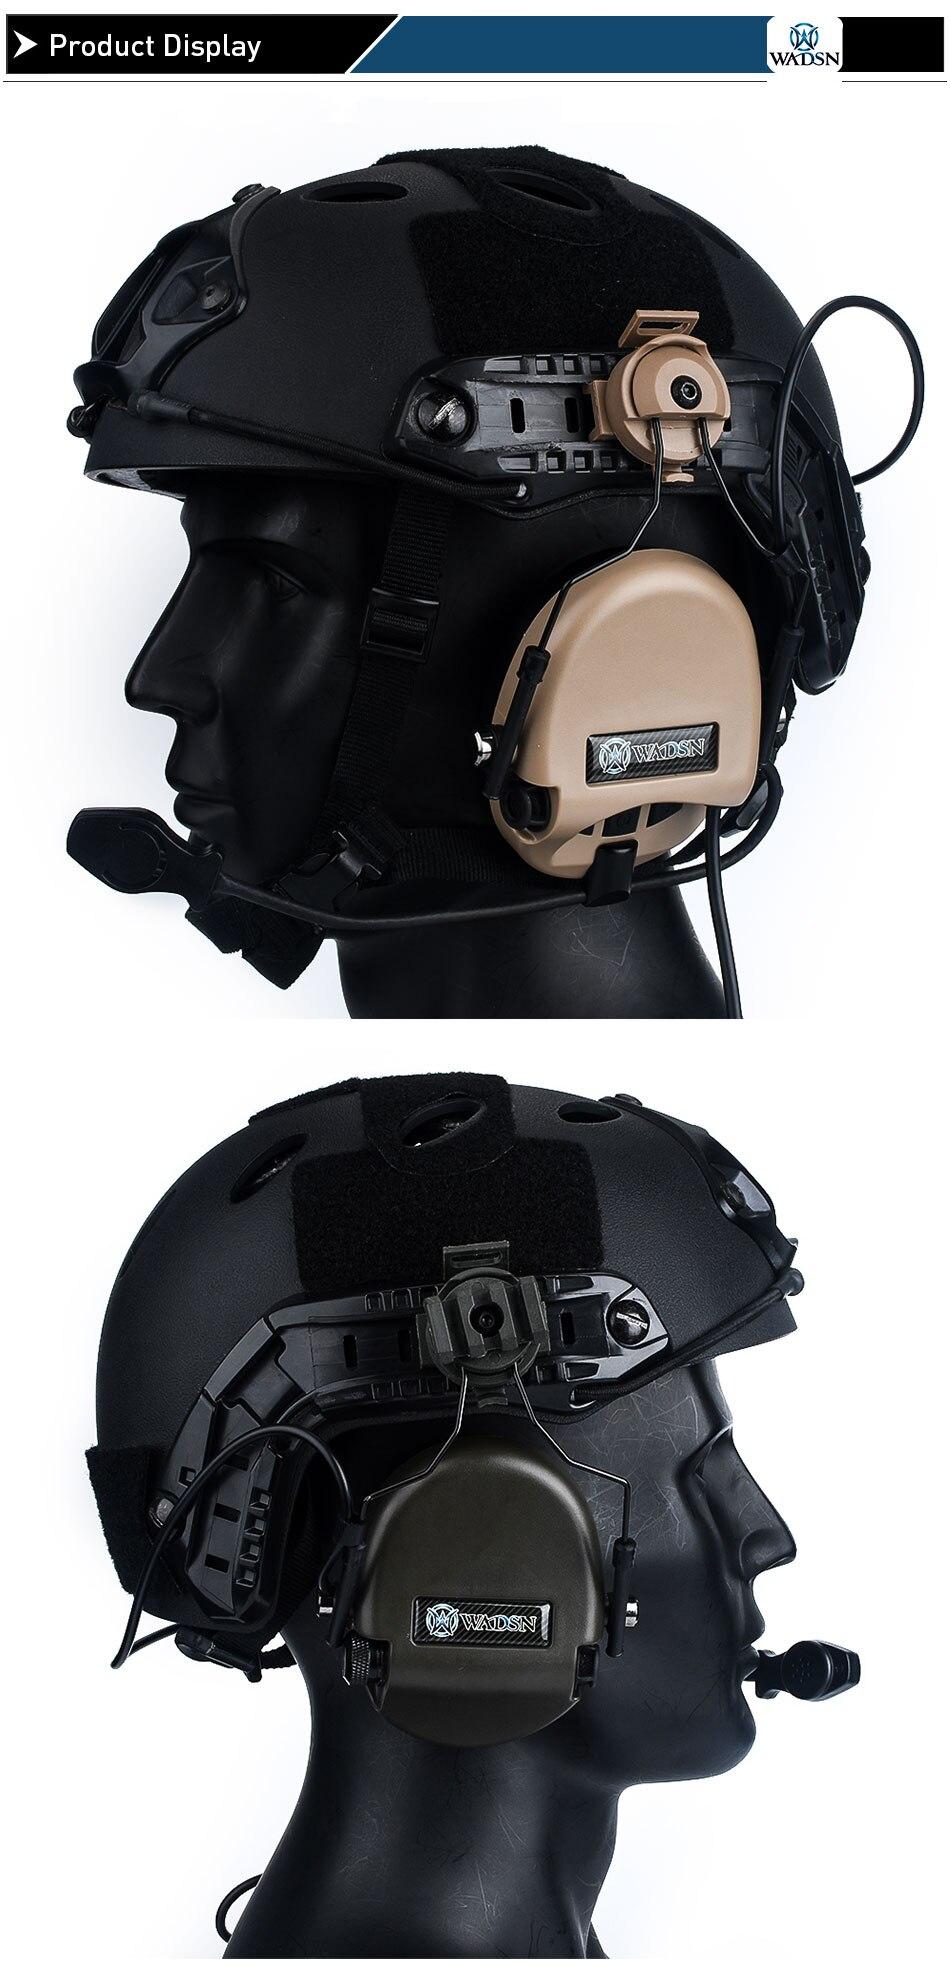 paintball fone de ouvido com capacete adaptador wz188